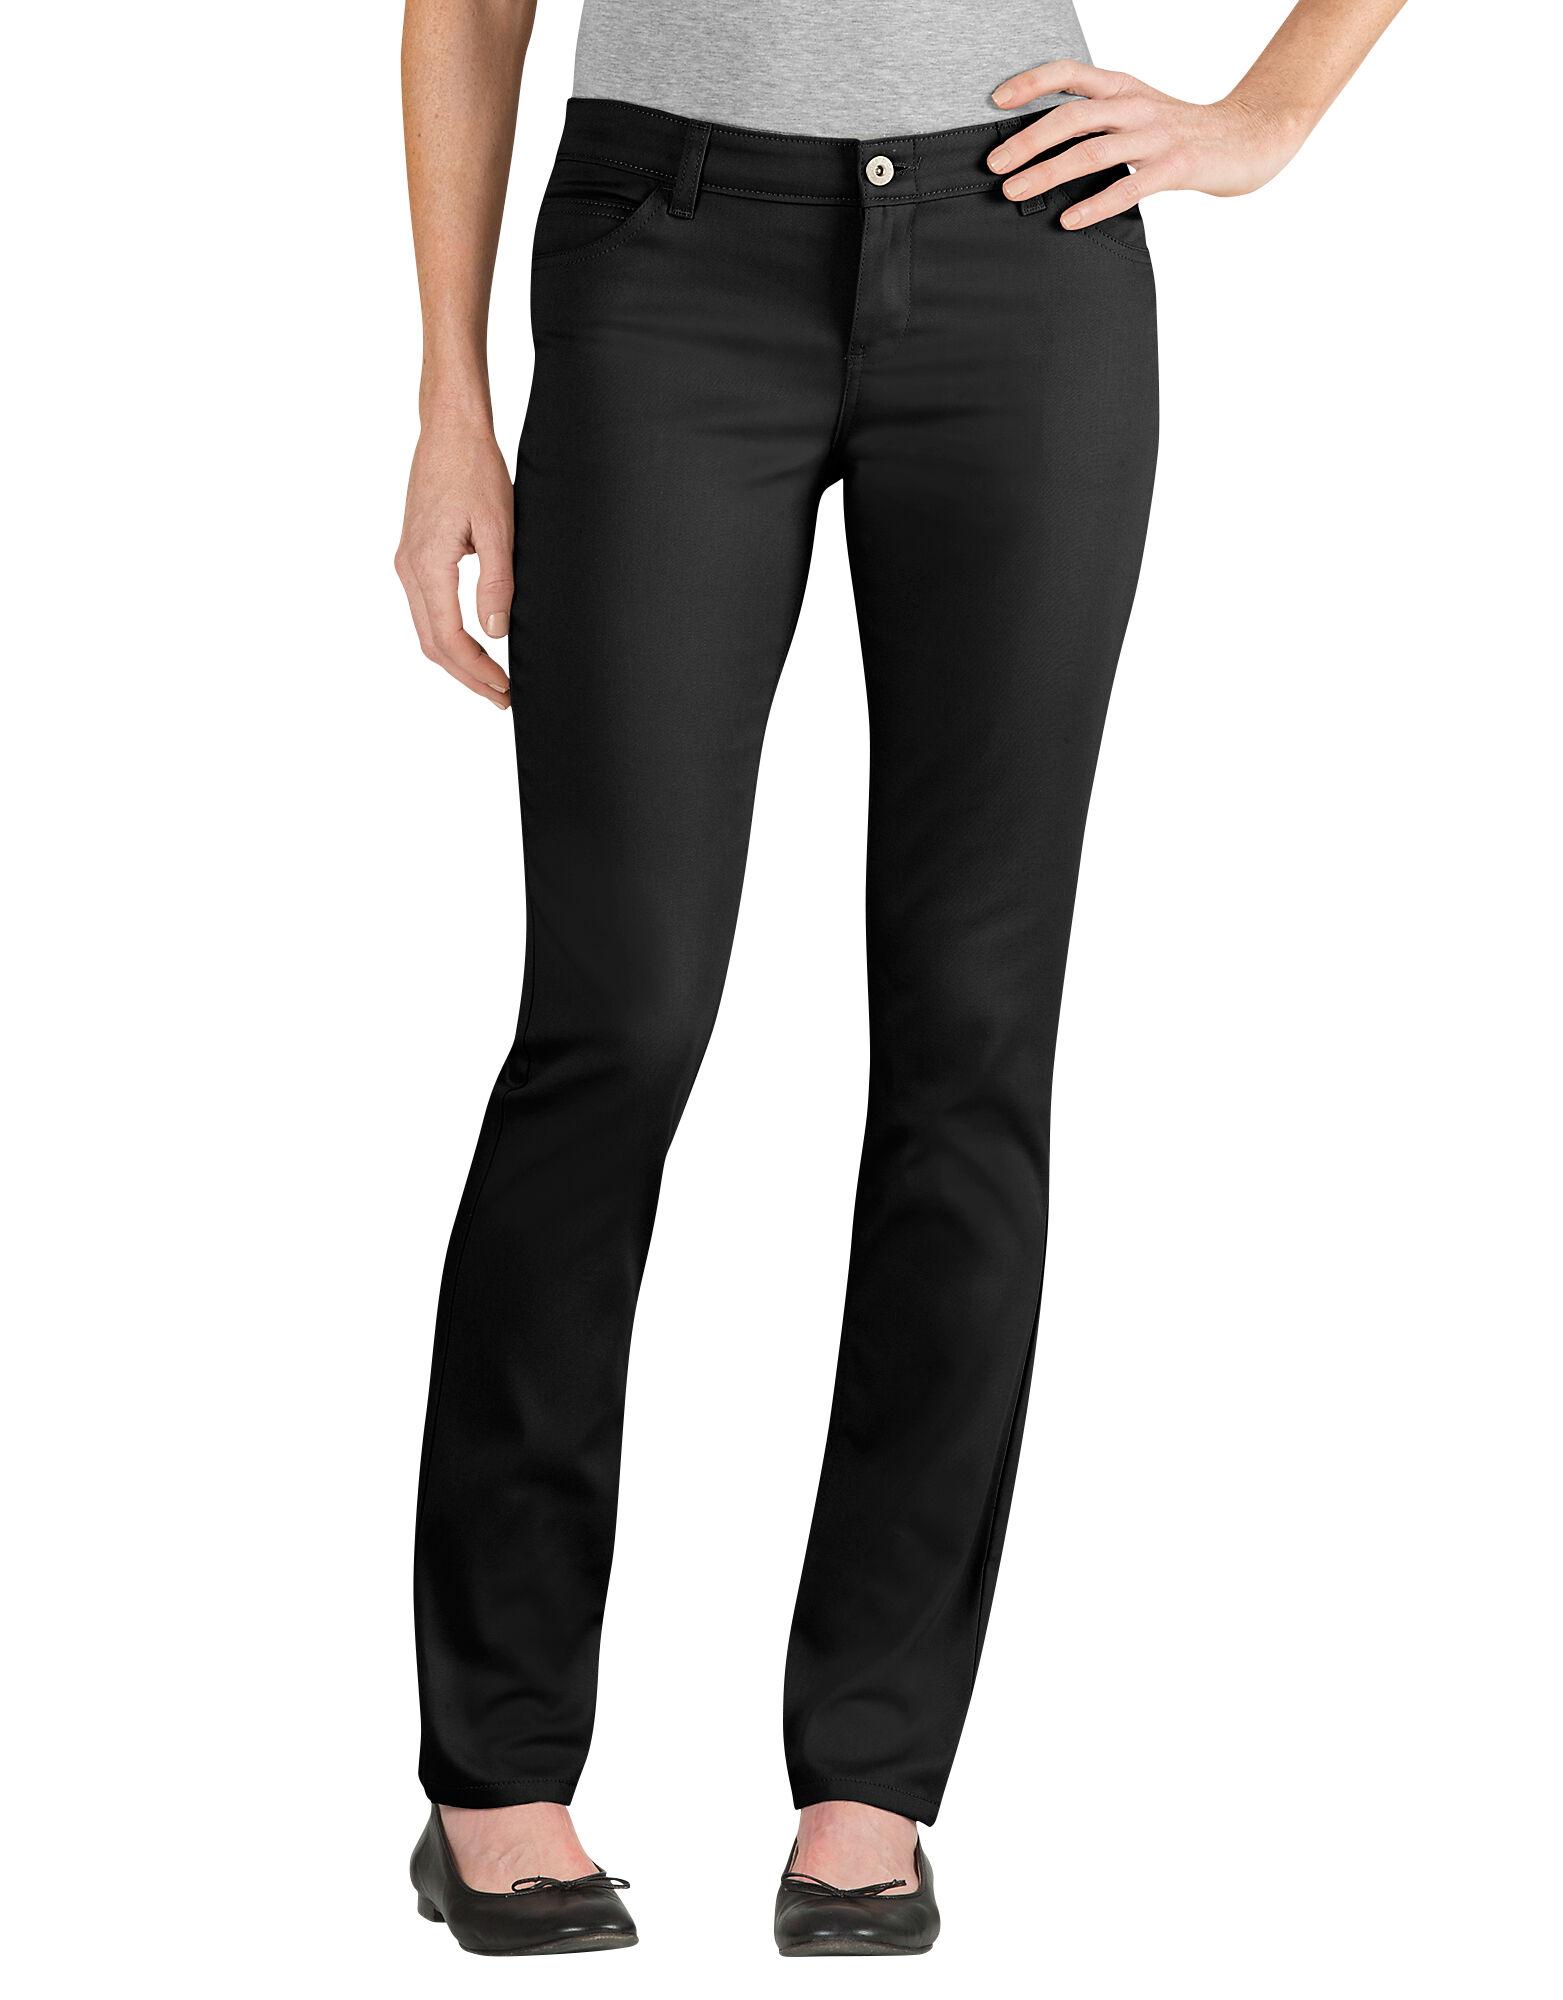 Juniors Clothing | Junior-Sized Workwear Pants Shorts &amp Shirts